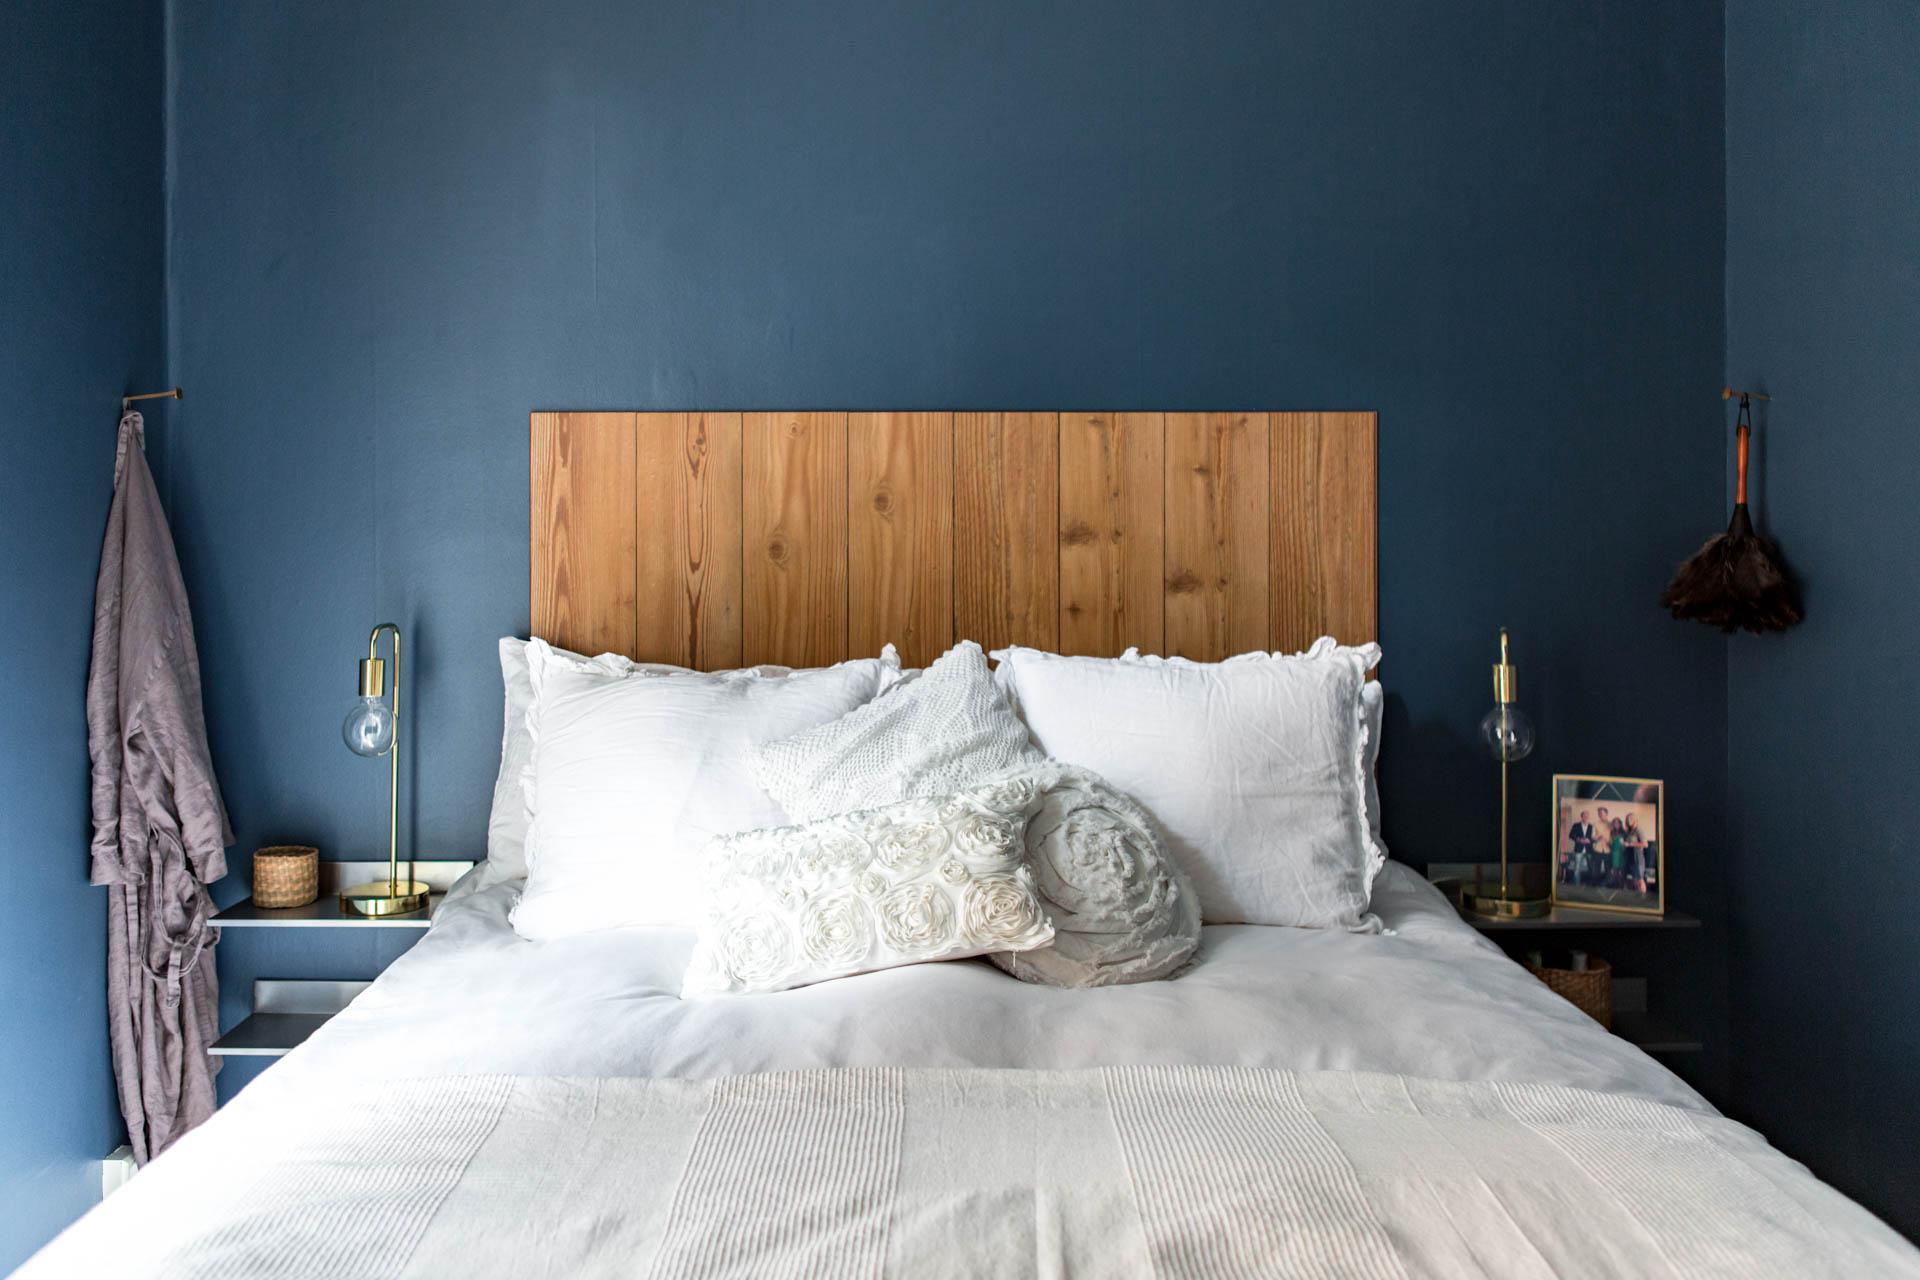 Slaapkamer Ideeen Muren.De Muren In Deze Slaapkamer Zijn Blauw Geschilderd Slaapkamer Ideeen